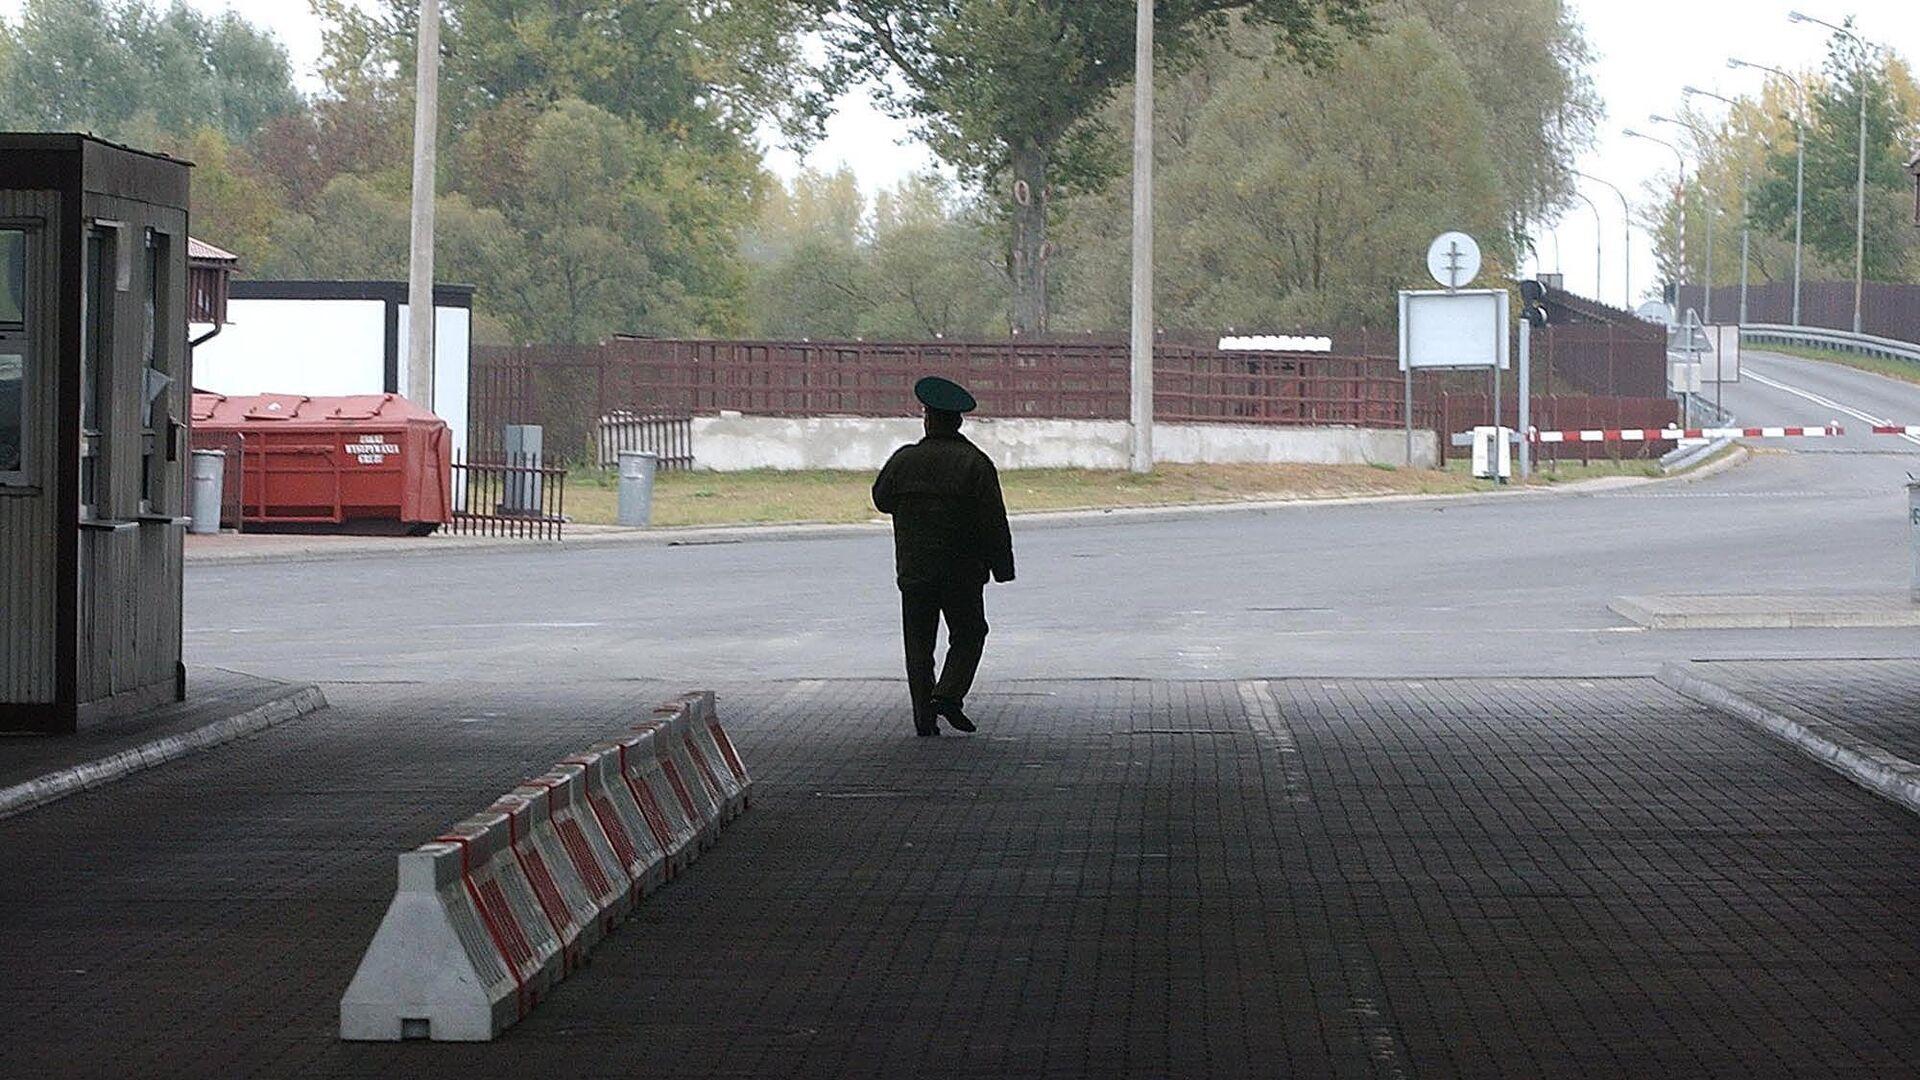 Пограничник на границе между Белоруссией и Польшей - РИА Новости, 1920, 12.07.2021